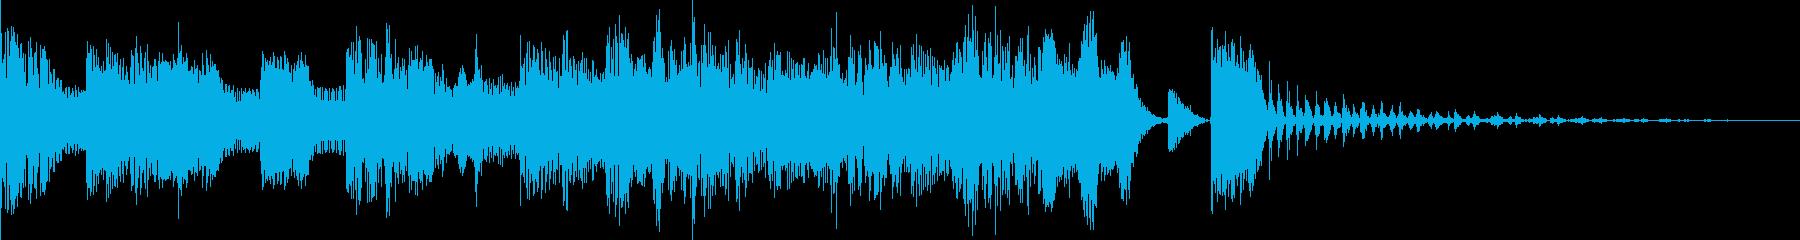 ラノベ感のある慌てたジングルの再生済みの波形